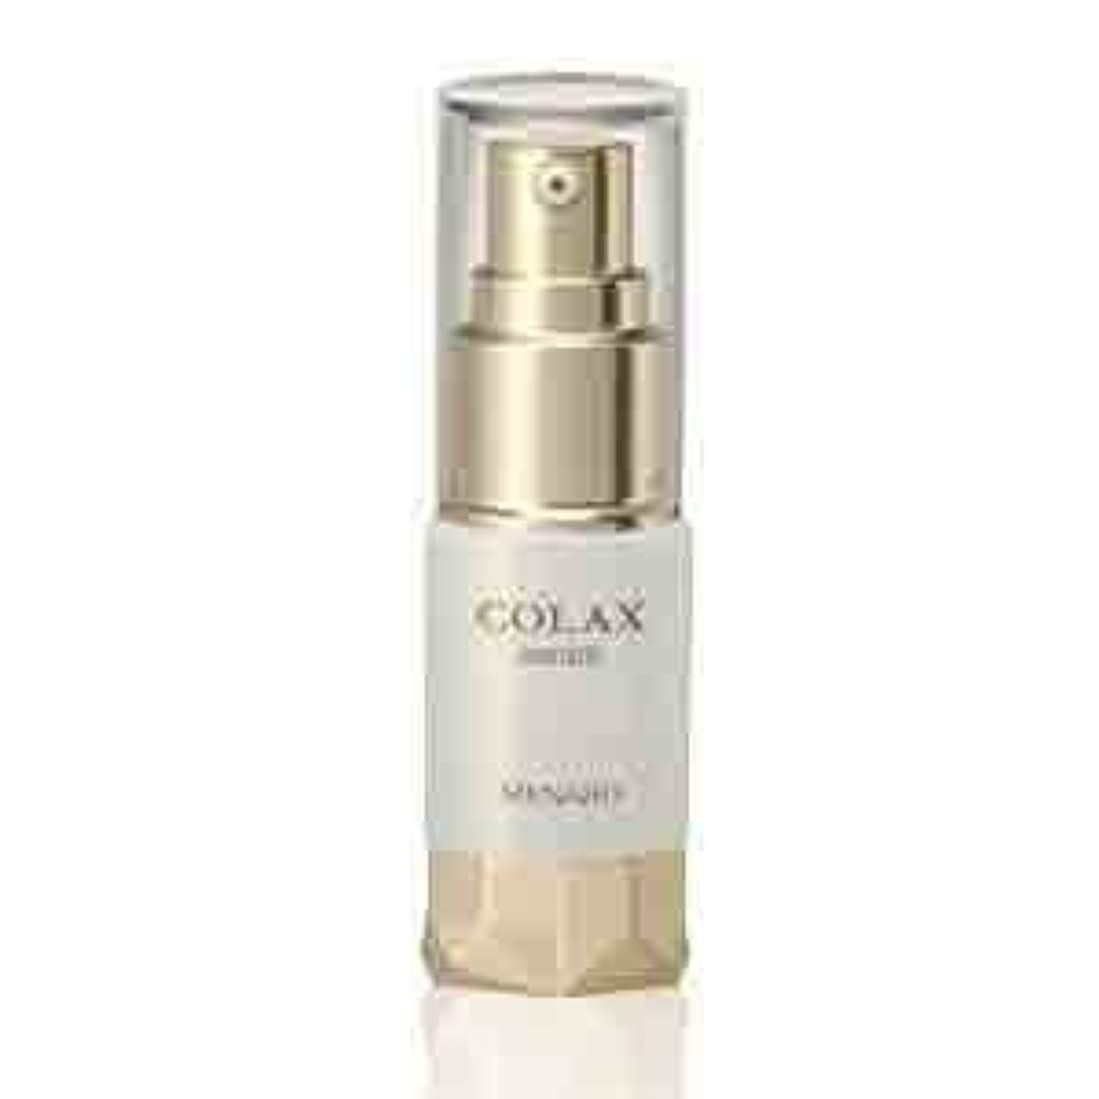 復活する冗長セマフォメナード コラックスB 21mL しっとりとしたうるおいを与え、豊潤な肌へ導く美容液!